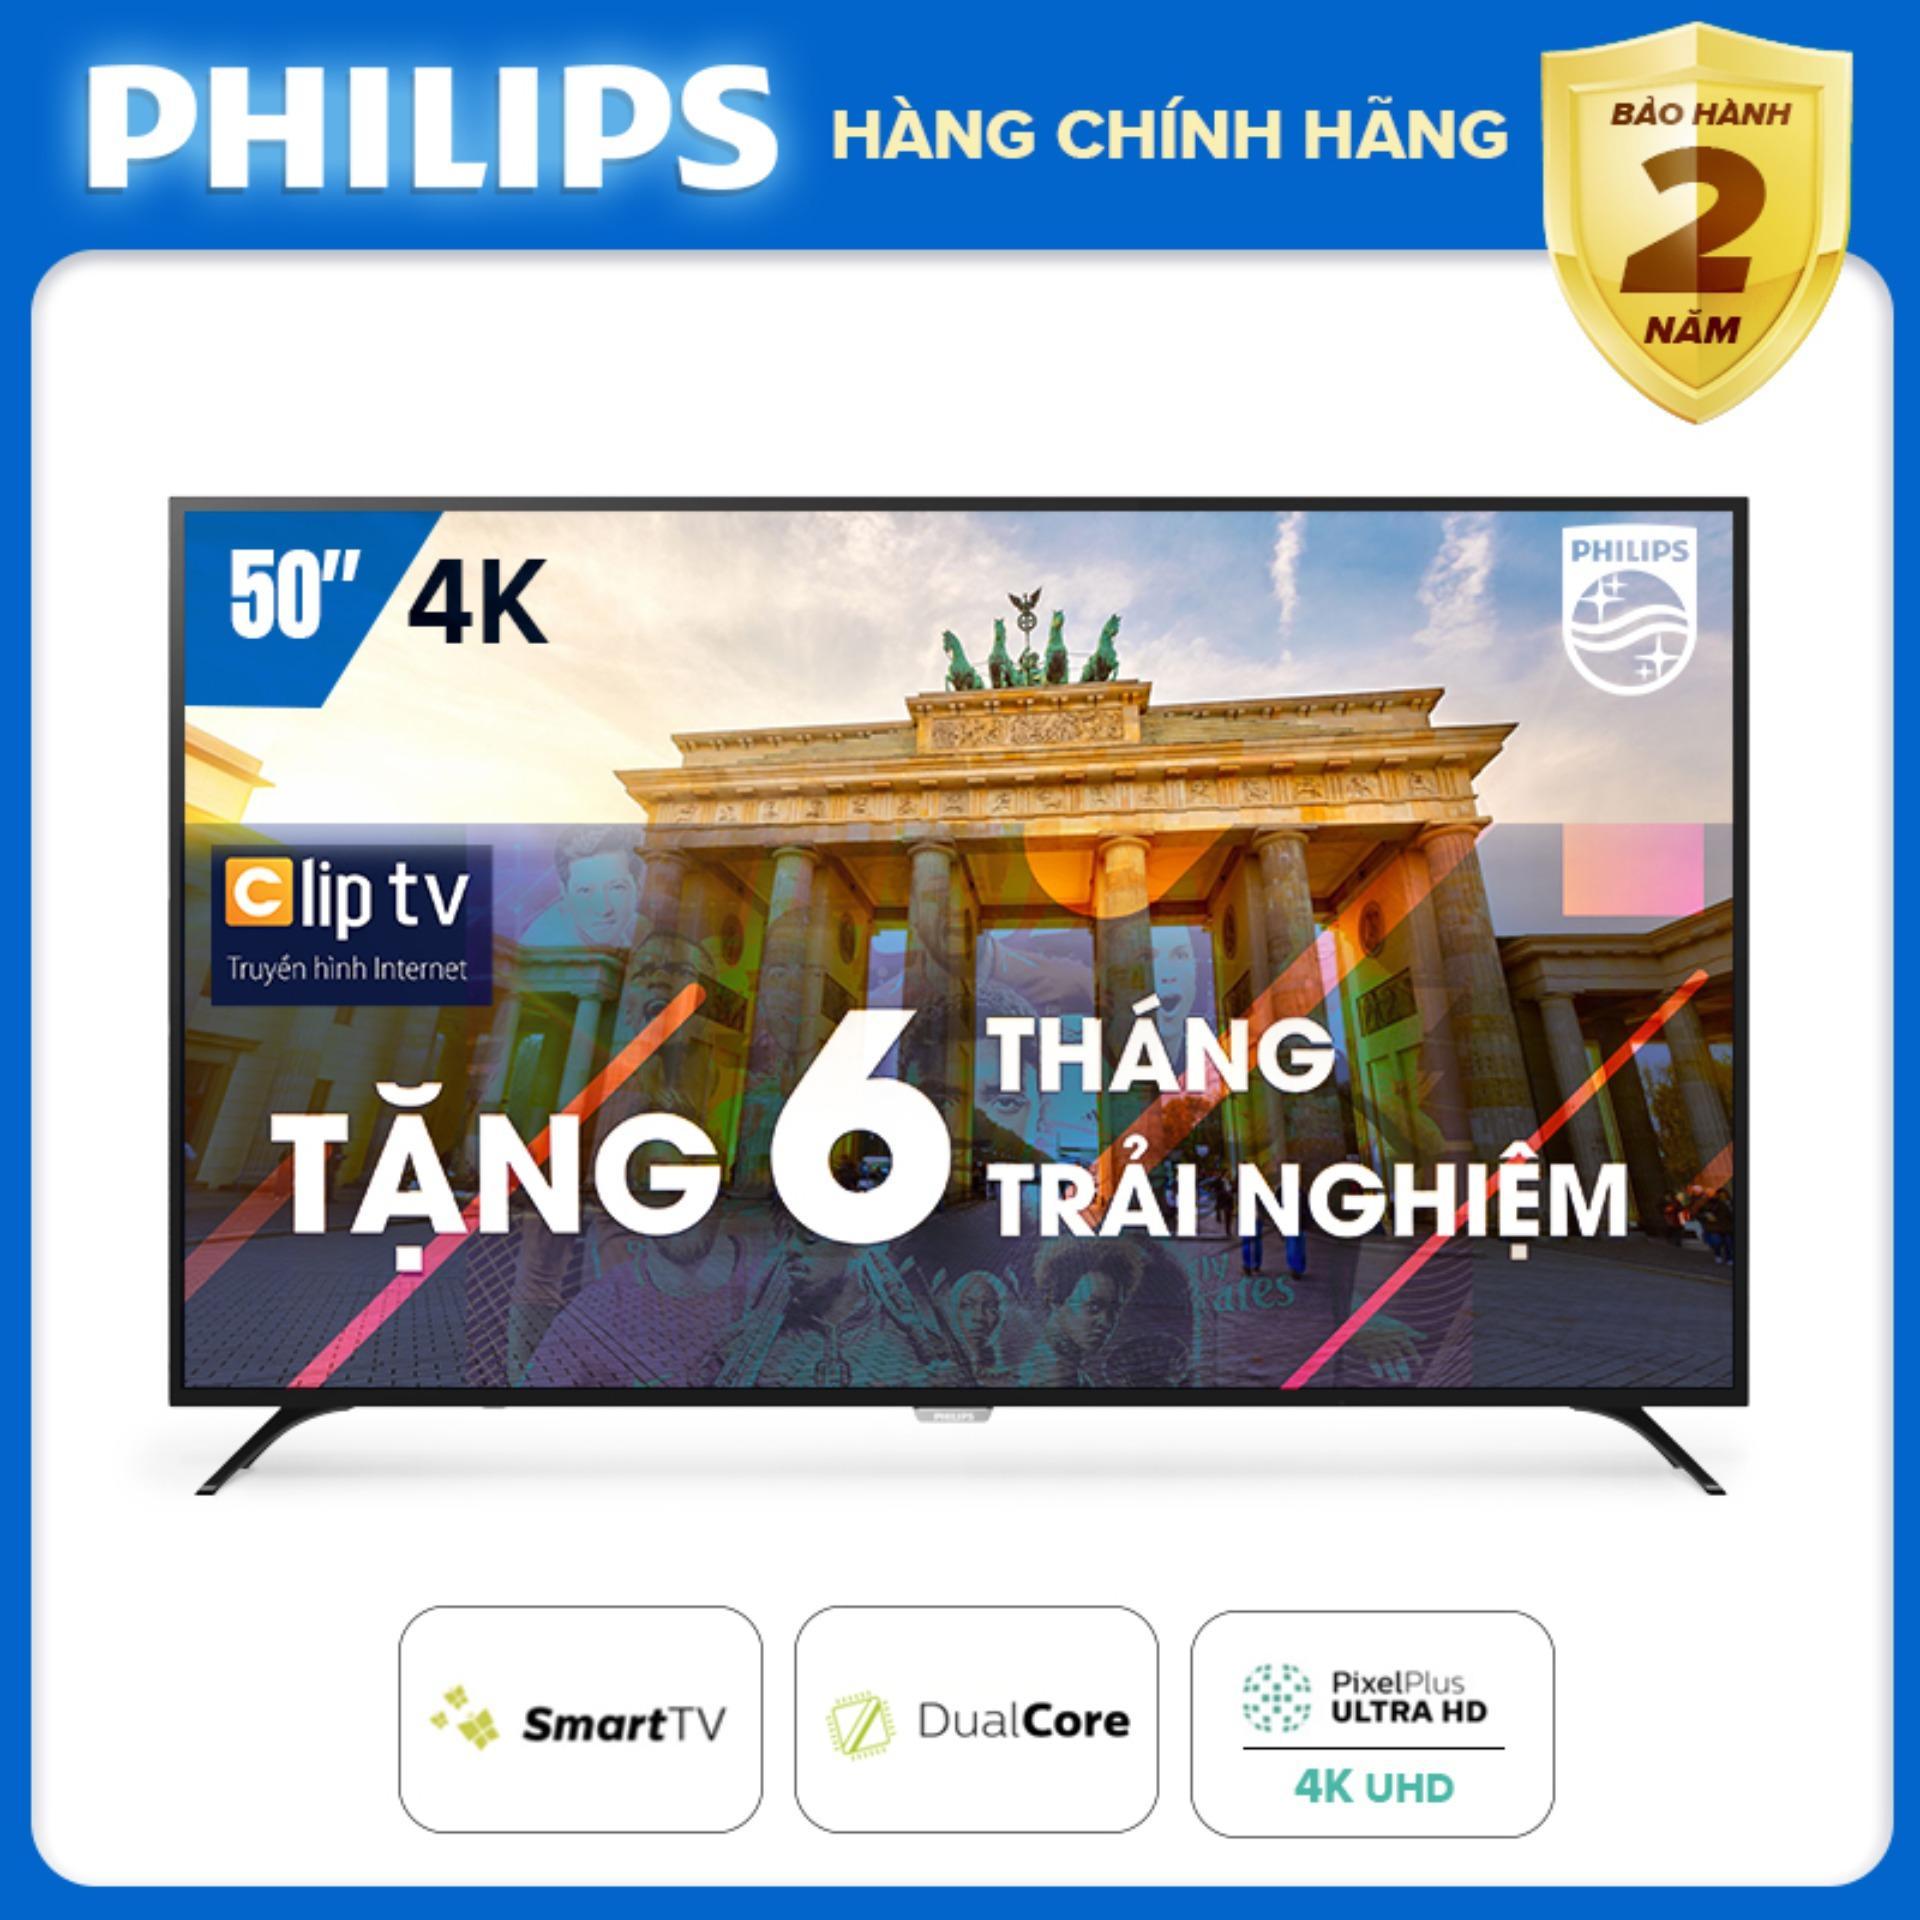 Bảng giá SMART TIVI 4K UHD 50 INCH KẾT NỐI INTERNET WIFI - hàng Thái Lan - Free 6 tháng xem phim Clip TV - Bảo hành 2 năm tại nhà - 50PUT6023S/74 Tivi Philips